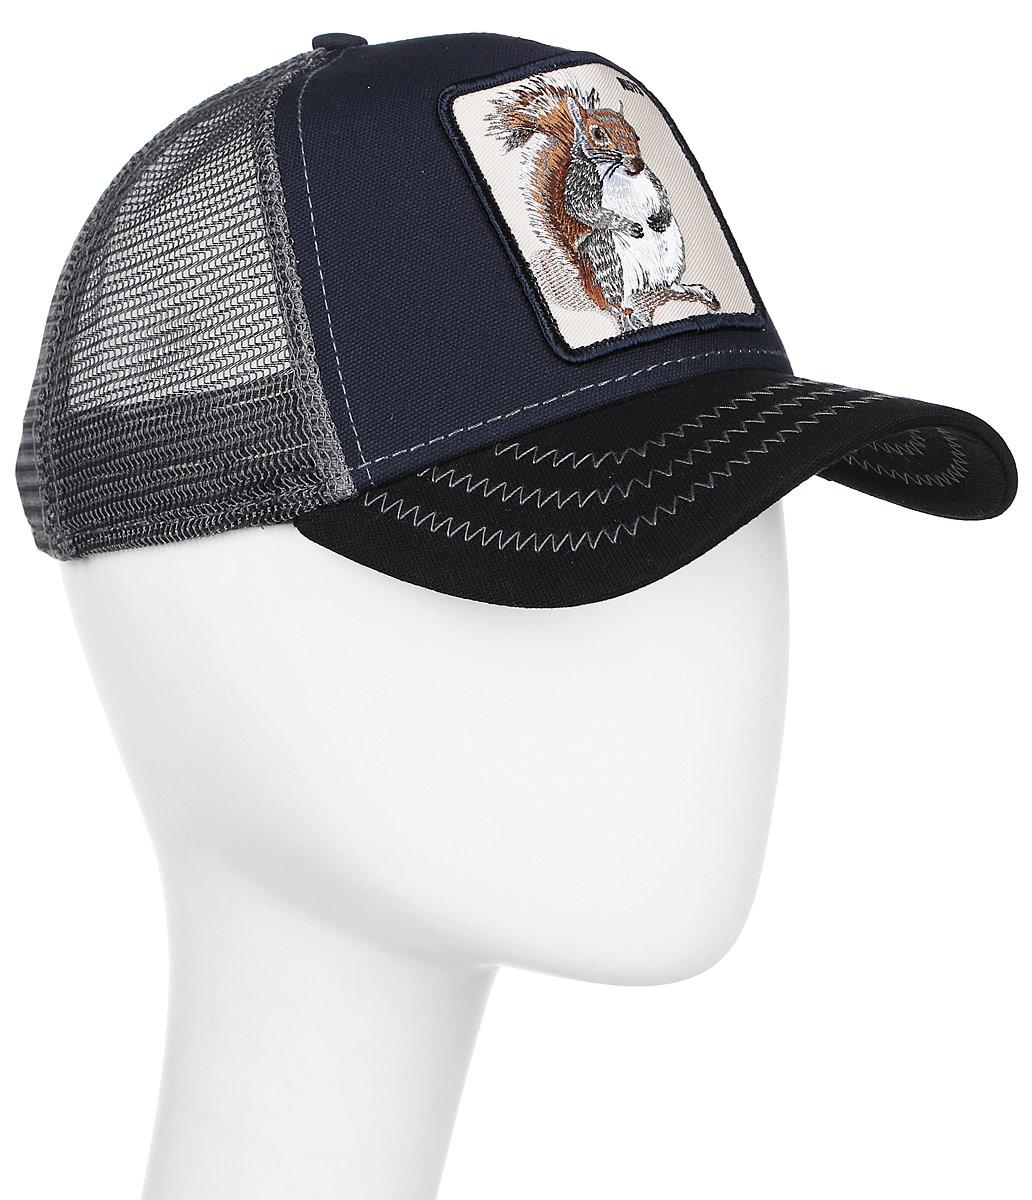 Бейсболка Goorin Brothers, цвет: черный, синий, серый. 16-985-06-00. Размер универсальный16-985-06-00Стильная бейсболка Goorin Brothers, выполненная из высококачественных материалов, идеально подойдет для прогулок, занятия спортом и отдыха. Она надежно защитит вас от солнца и ветра. Классическая кепка с сетчатой задней частью станет правильным выбором. Изделие оформлено нашивкой с изображением белки и надписью Nuts. Объем бейсболки регулируется пластиковым фиксатором.Ничто не говорит о настоящем любителе путешествий больше, чем любимая кепка. Эта модель станет отличным аксессуаром и дополнит ваш повседневный образ.